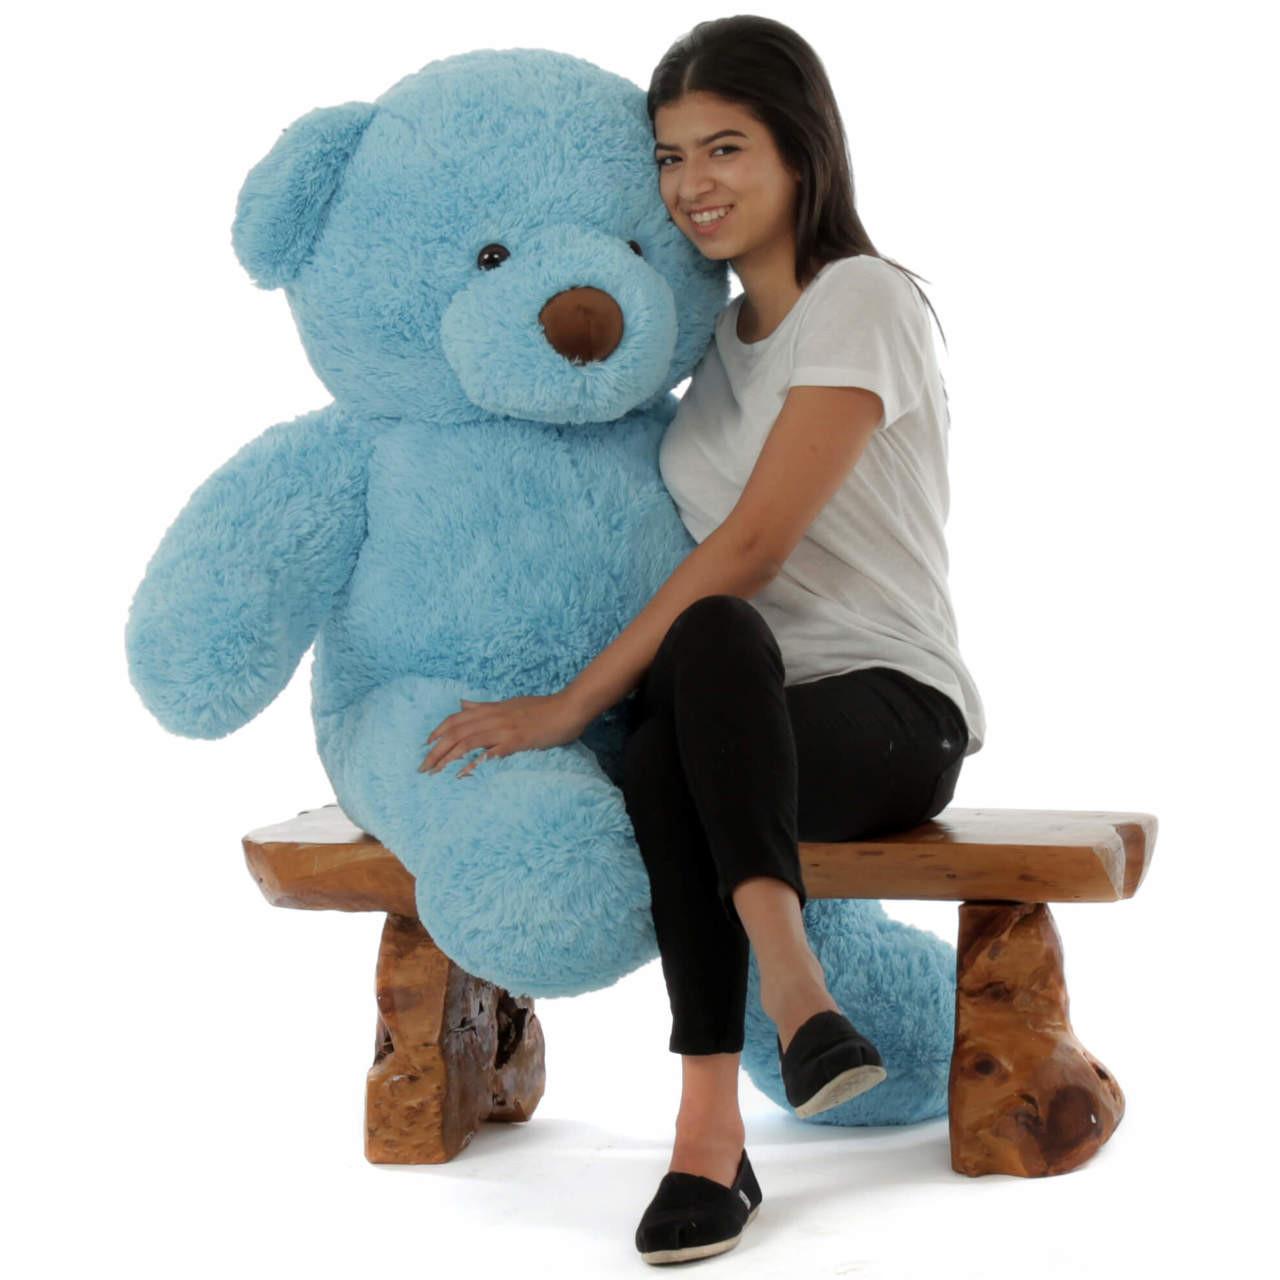 efb06f75a9ea Sammy Chubs Extra Plump Sky Blue Big Stuffed Teddy Bear 4 Foot